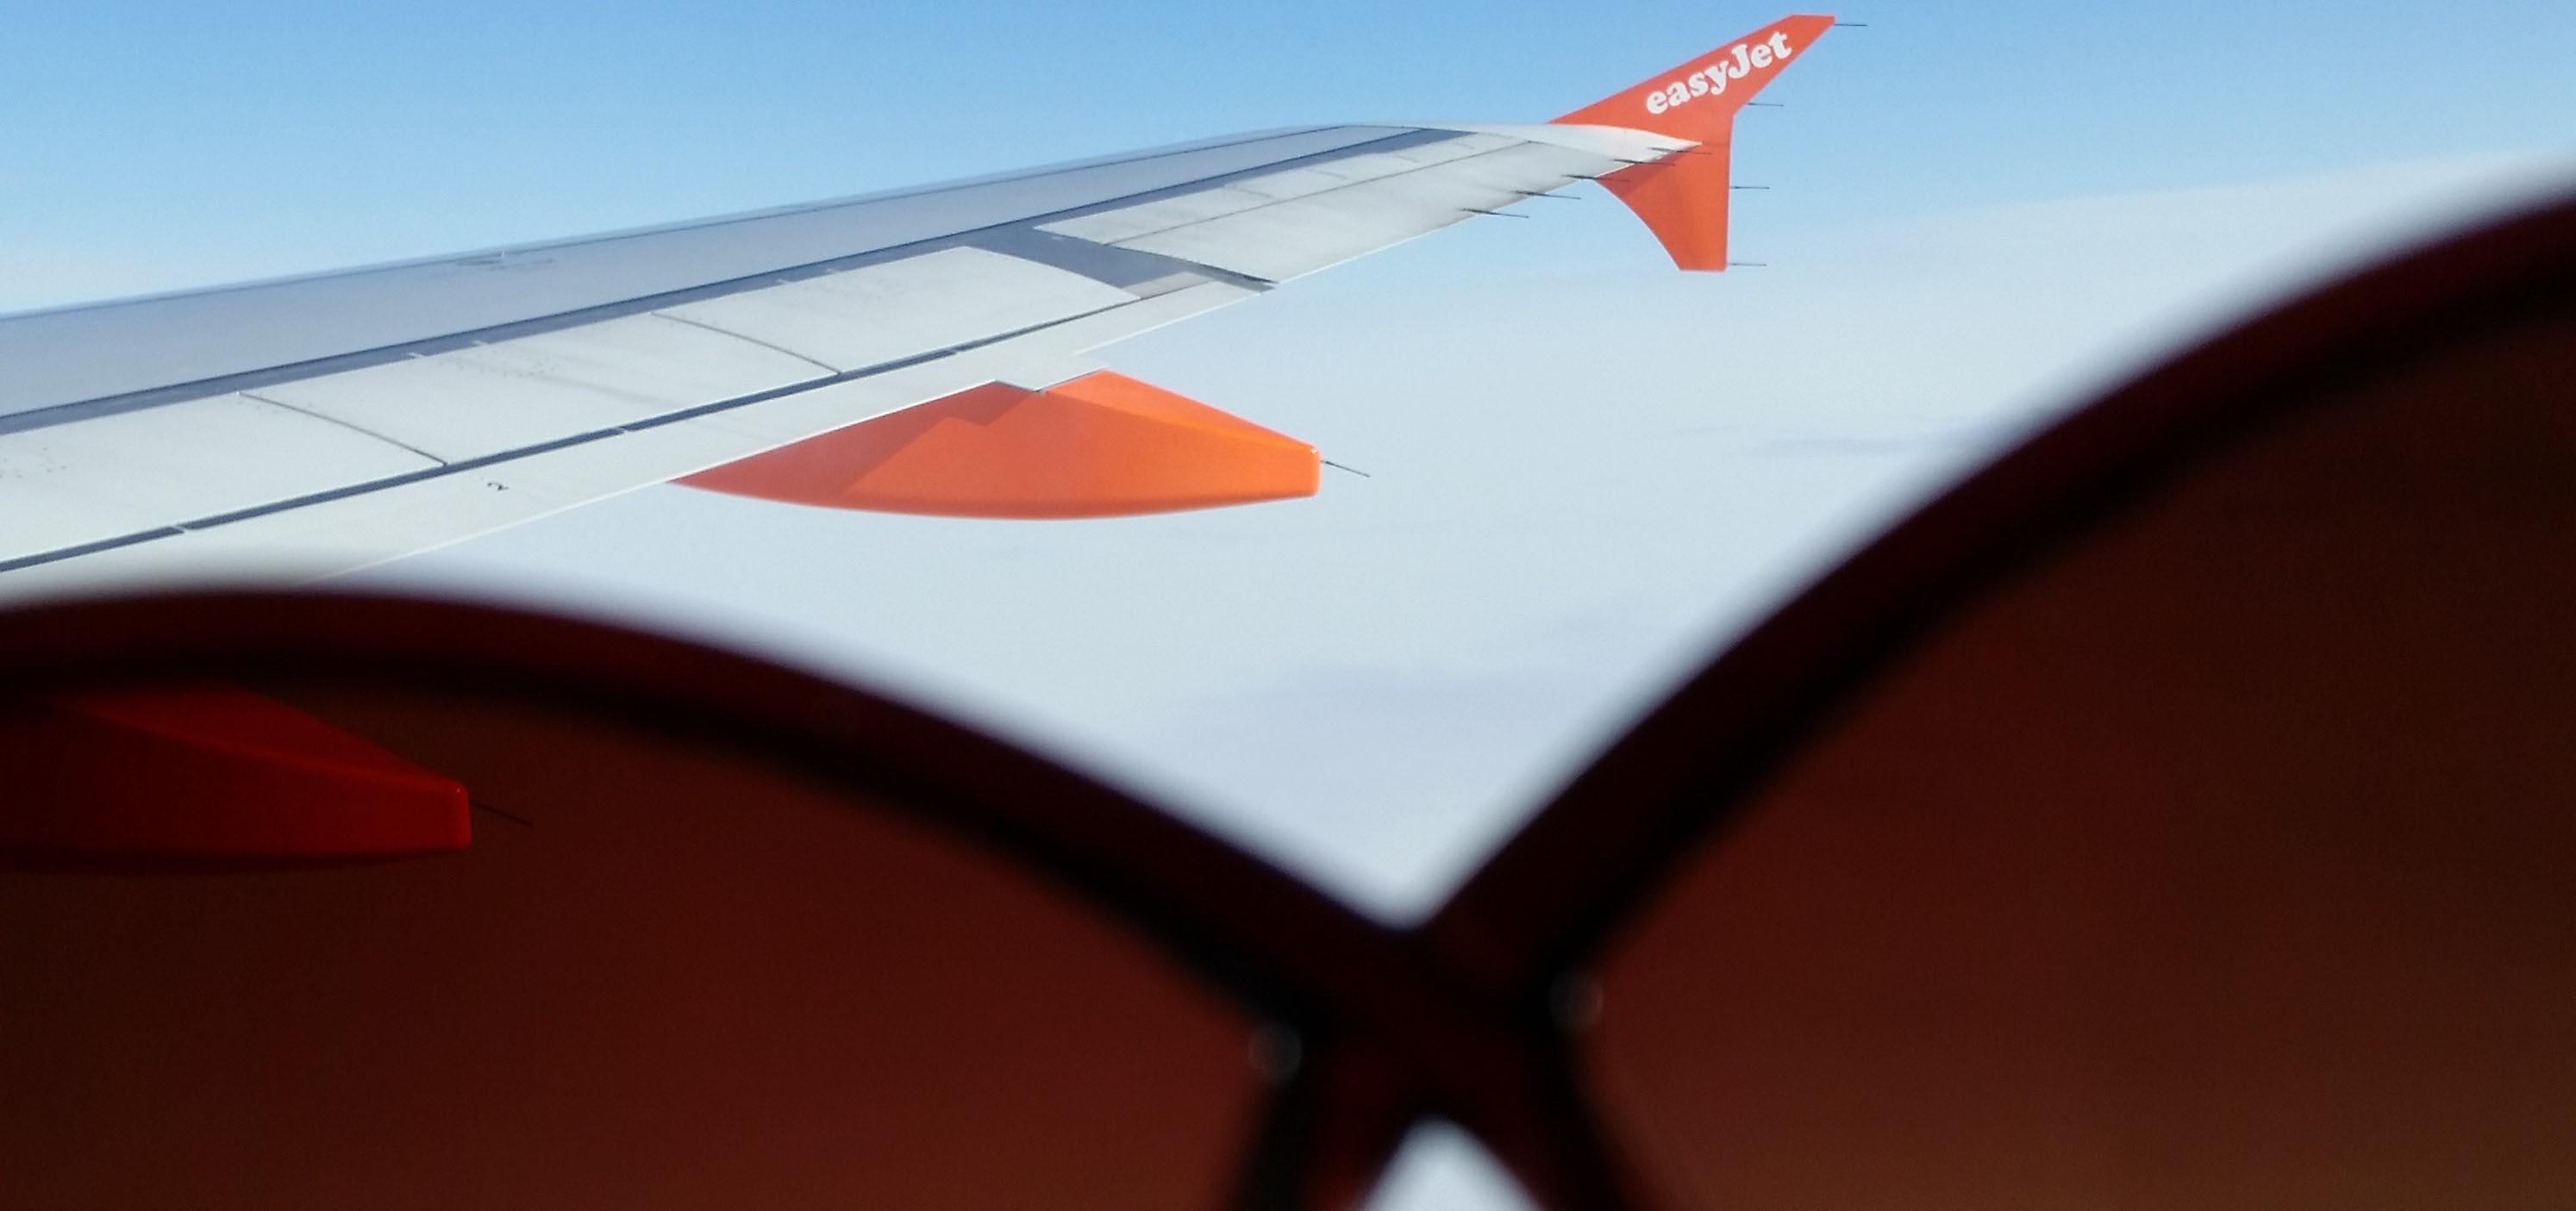 e993d3291ce Reizen met het vliegtuig met alleen handbagage [handige tips] - Map of Joy